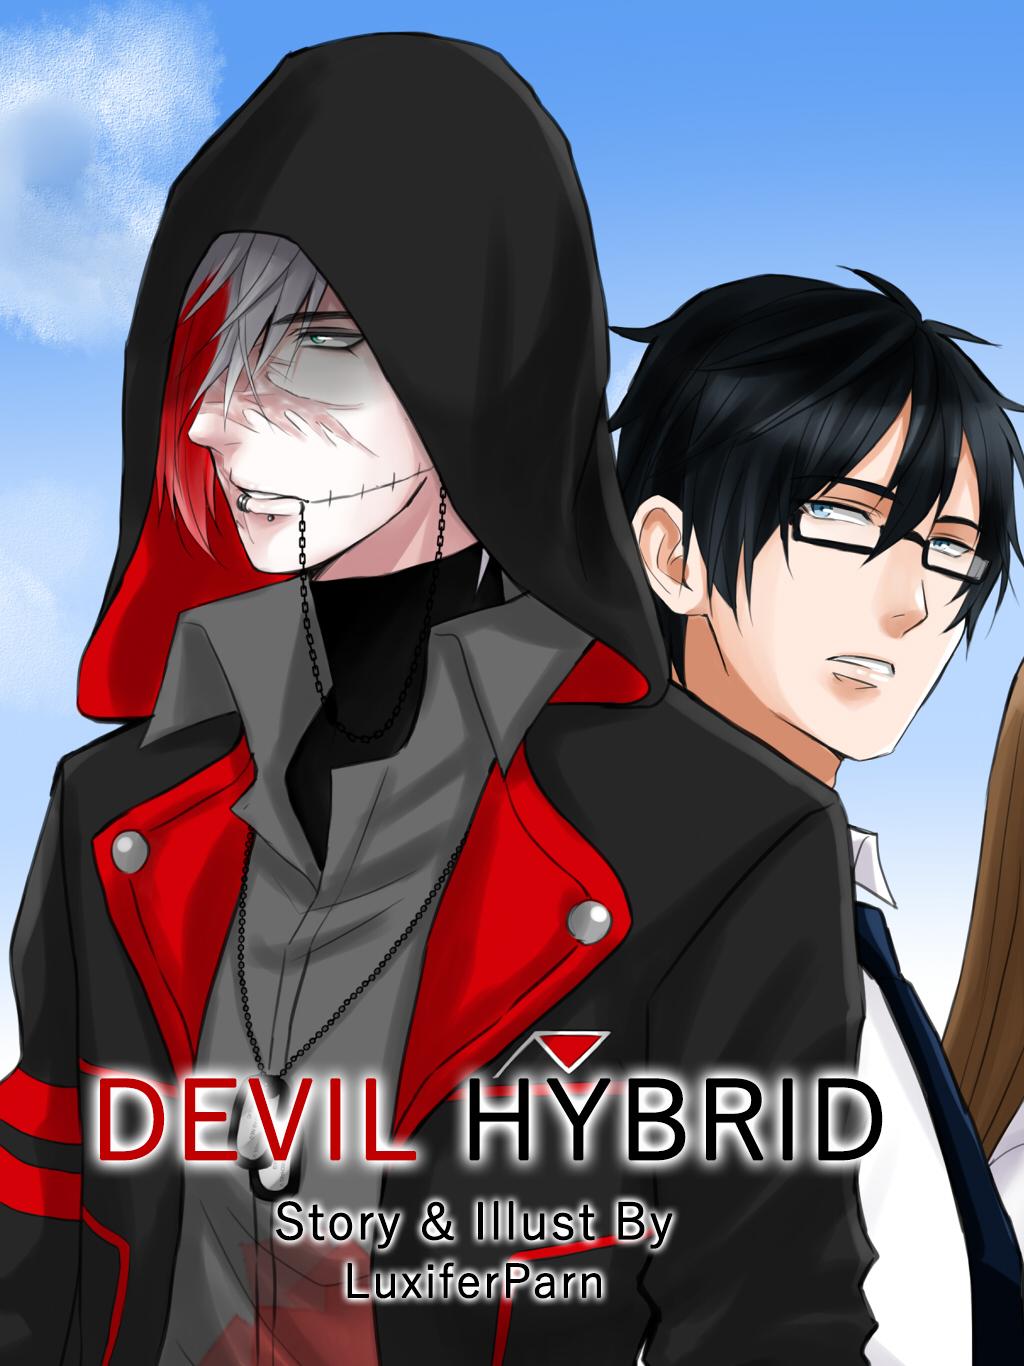 Devil Hybrid